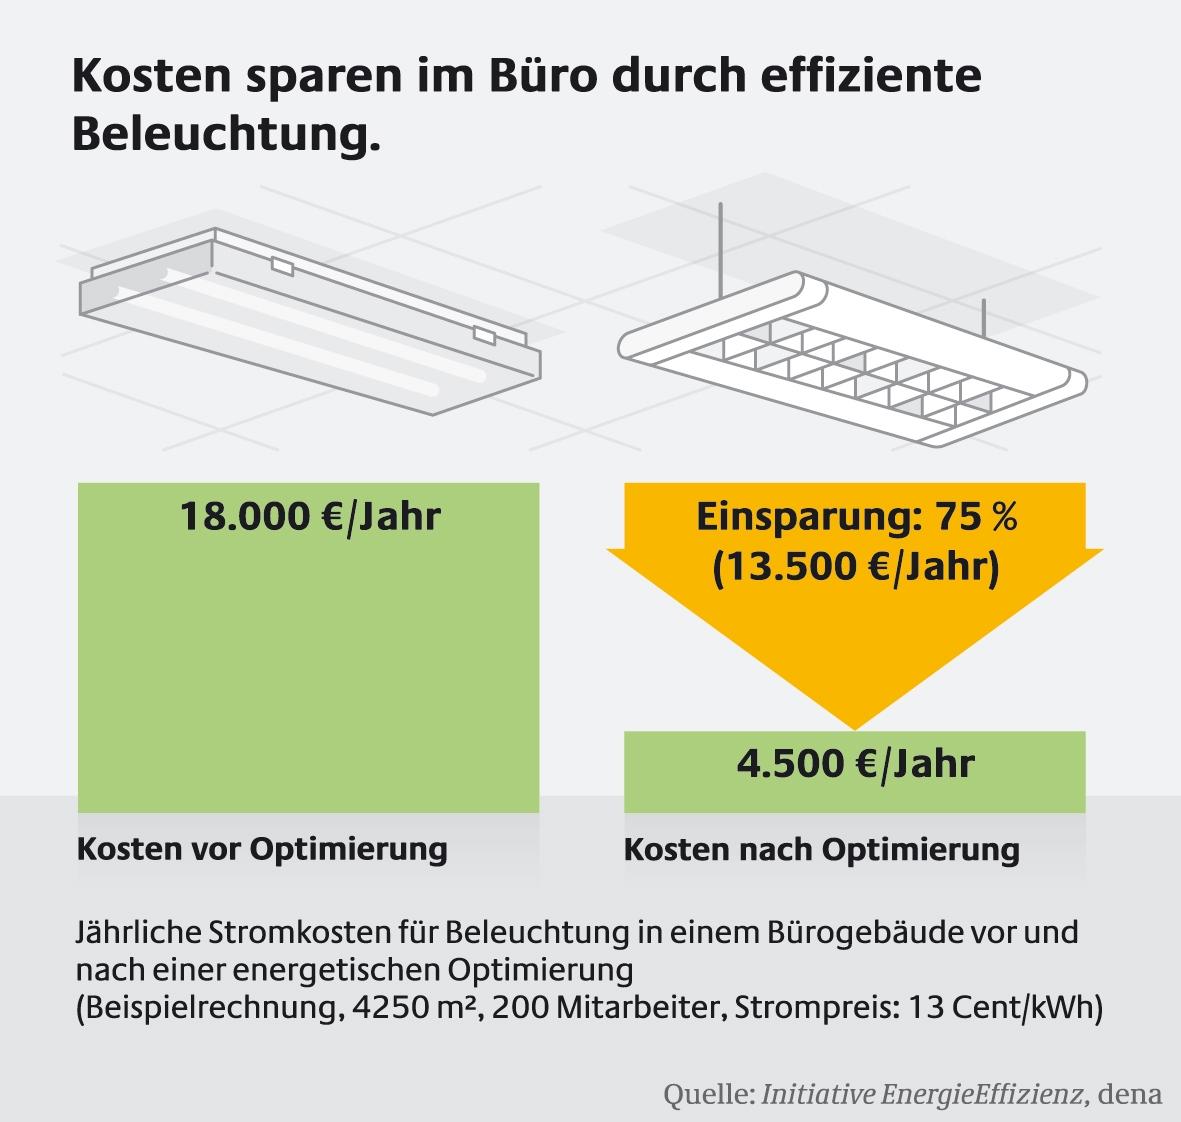 Kosten sparen im Buero durch effiziente Beleuchtung, Quelle: Initiative Enrgieeffizienz, dena